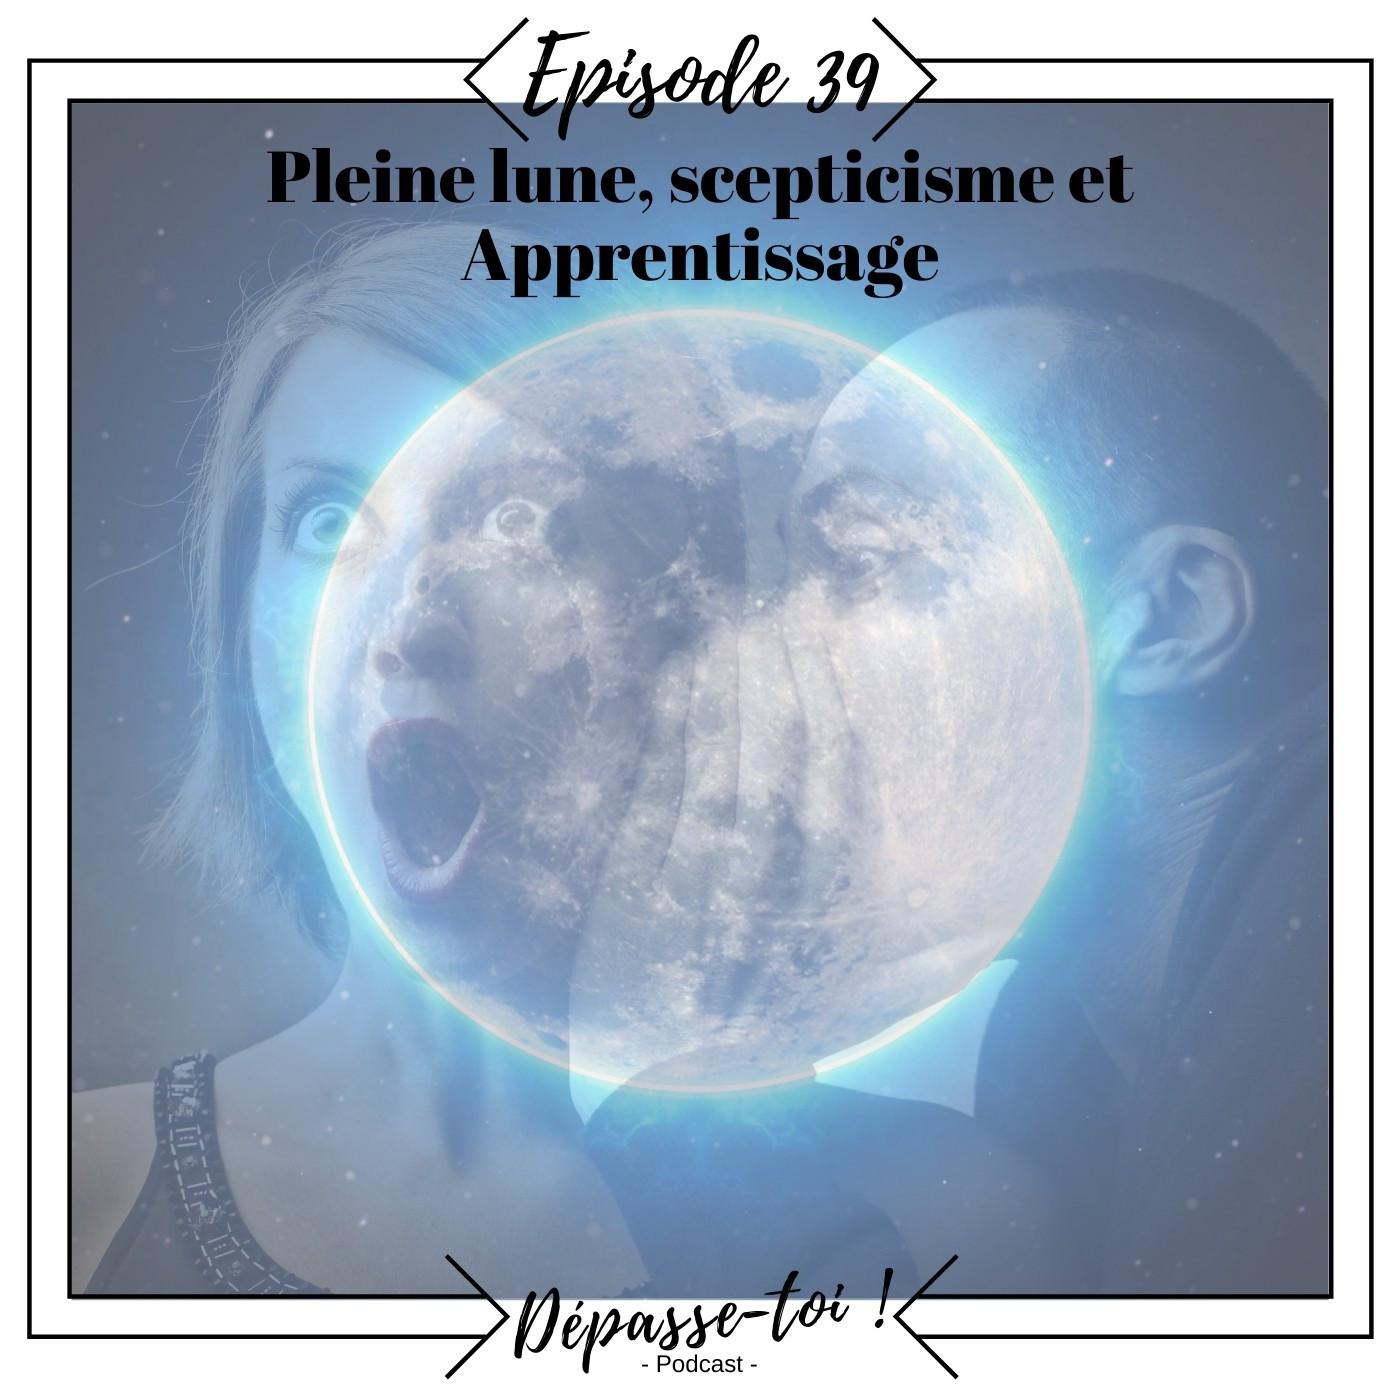 #39 - Pleine lune, scepticisme, culpabilité et apprentissage